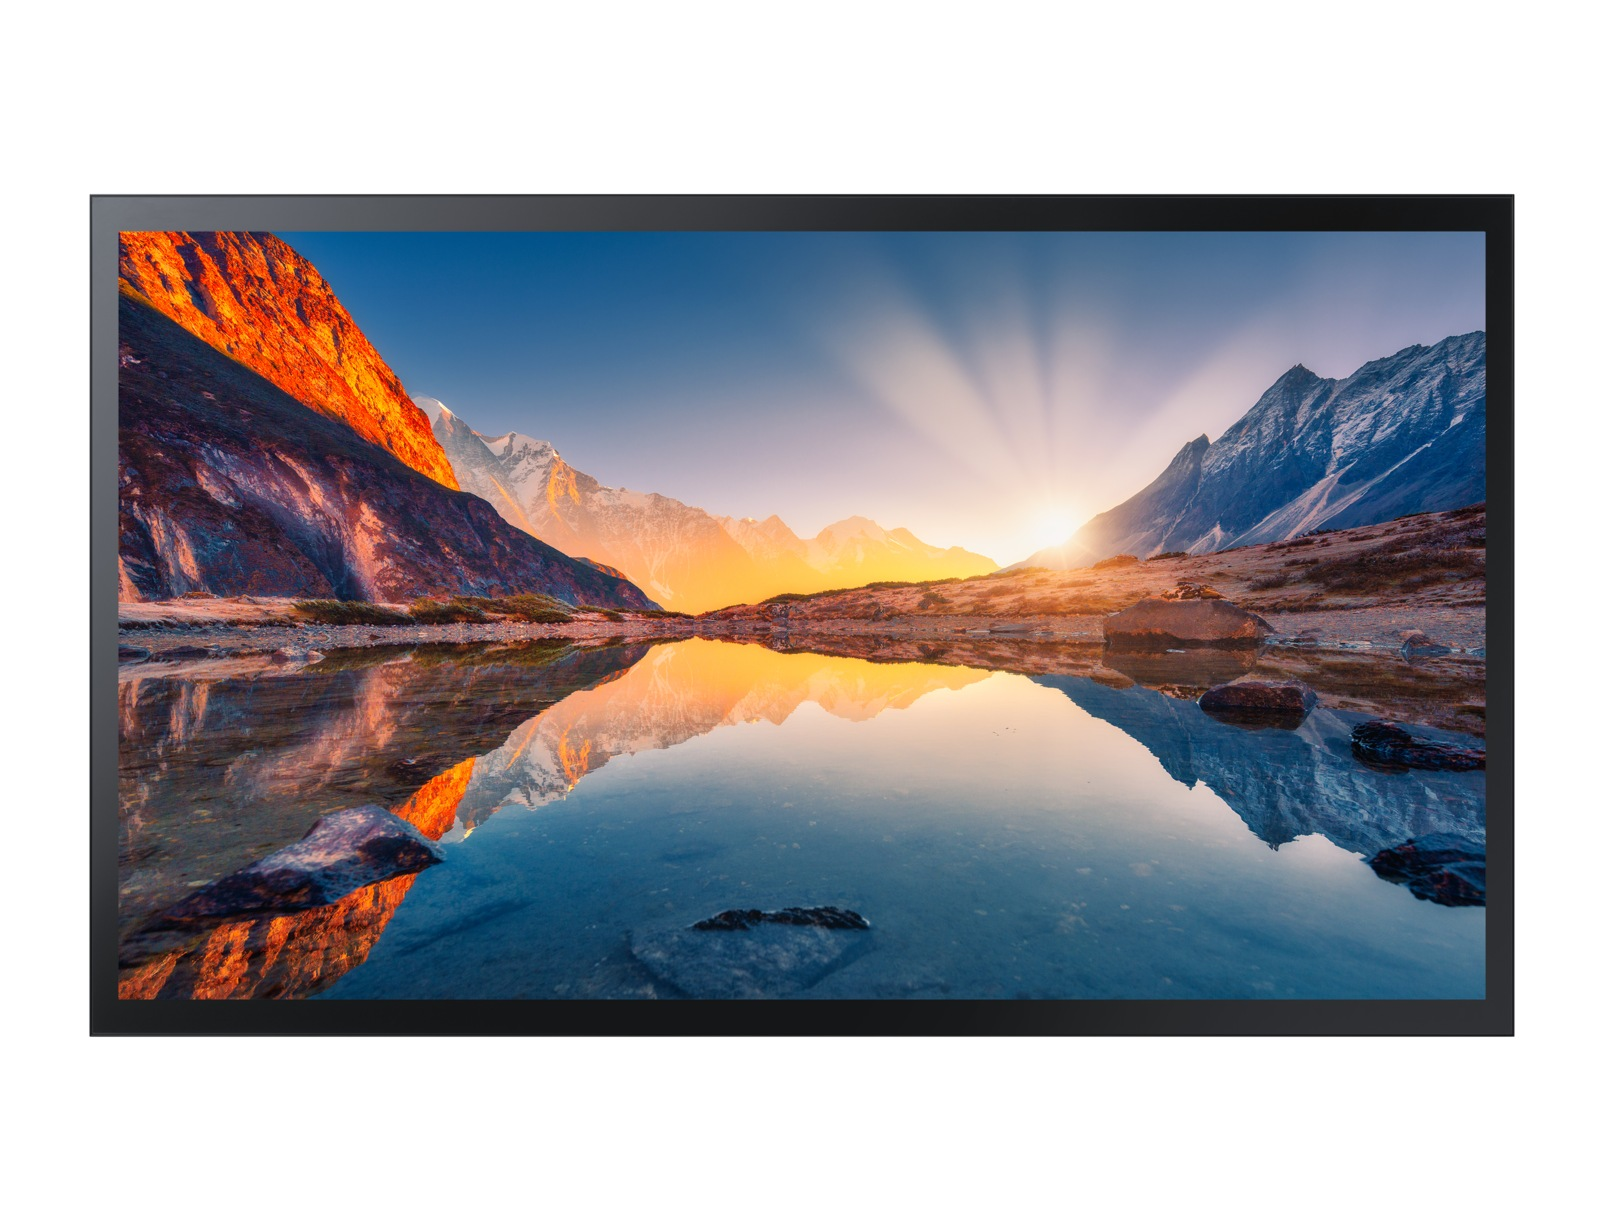 32'' LED Samsung QM32R-T - FHD,300cd,16/7 - LH32QMRTBGCXEN